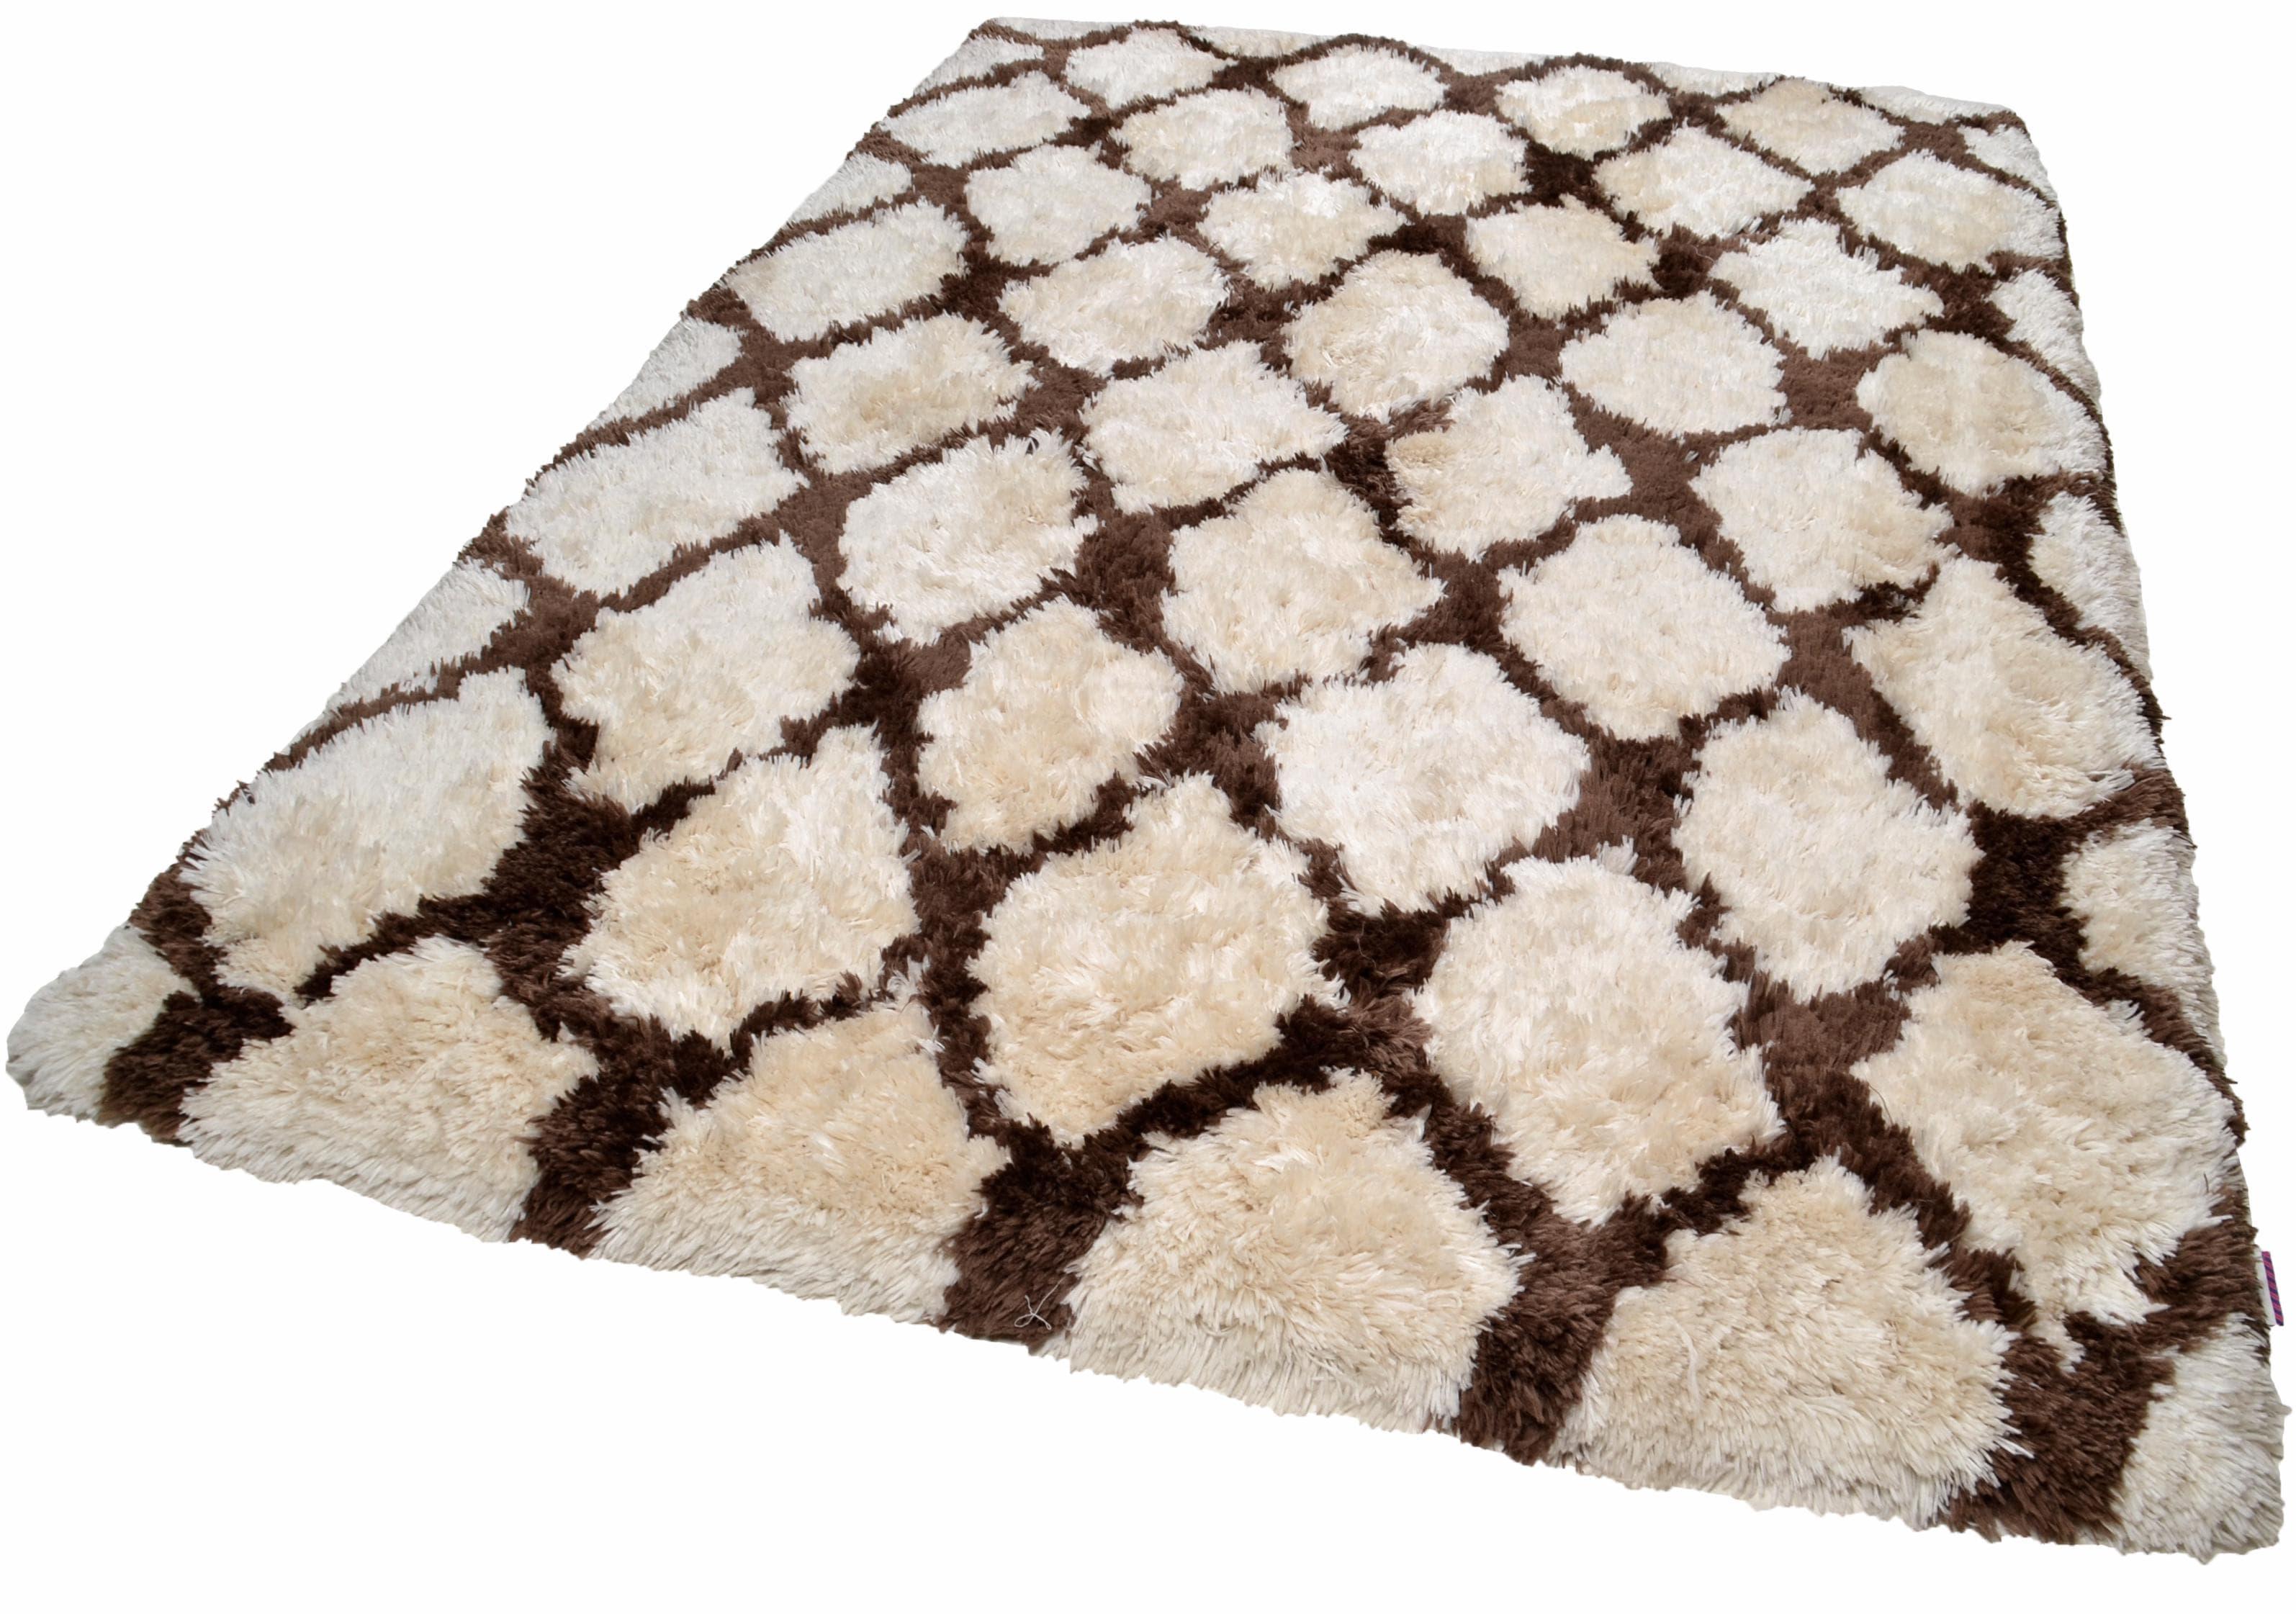 Hochflor-Teppich Flocatic Pattern TOM TAILOR rechteckig Höhe 65 mm handgetuftet